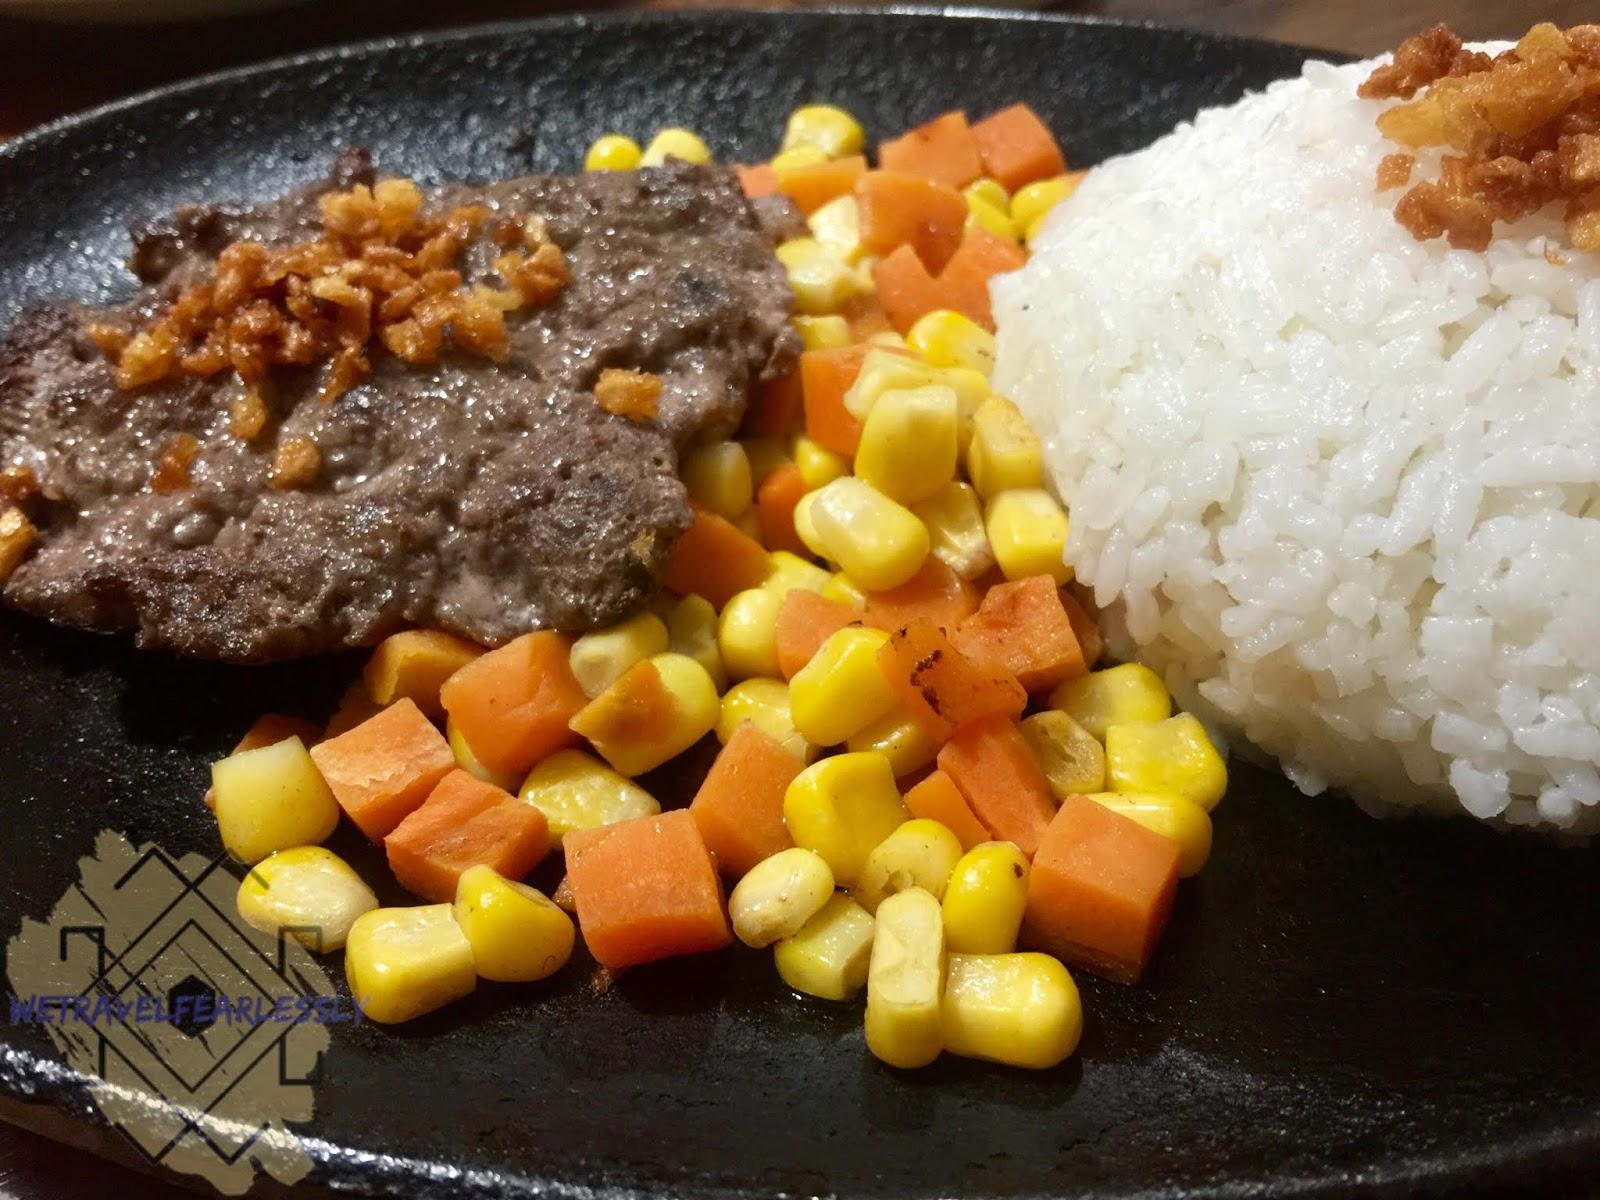 Salisbury Steak in Tuki's Food Station in Manggahan, Pasig